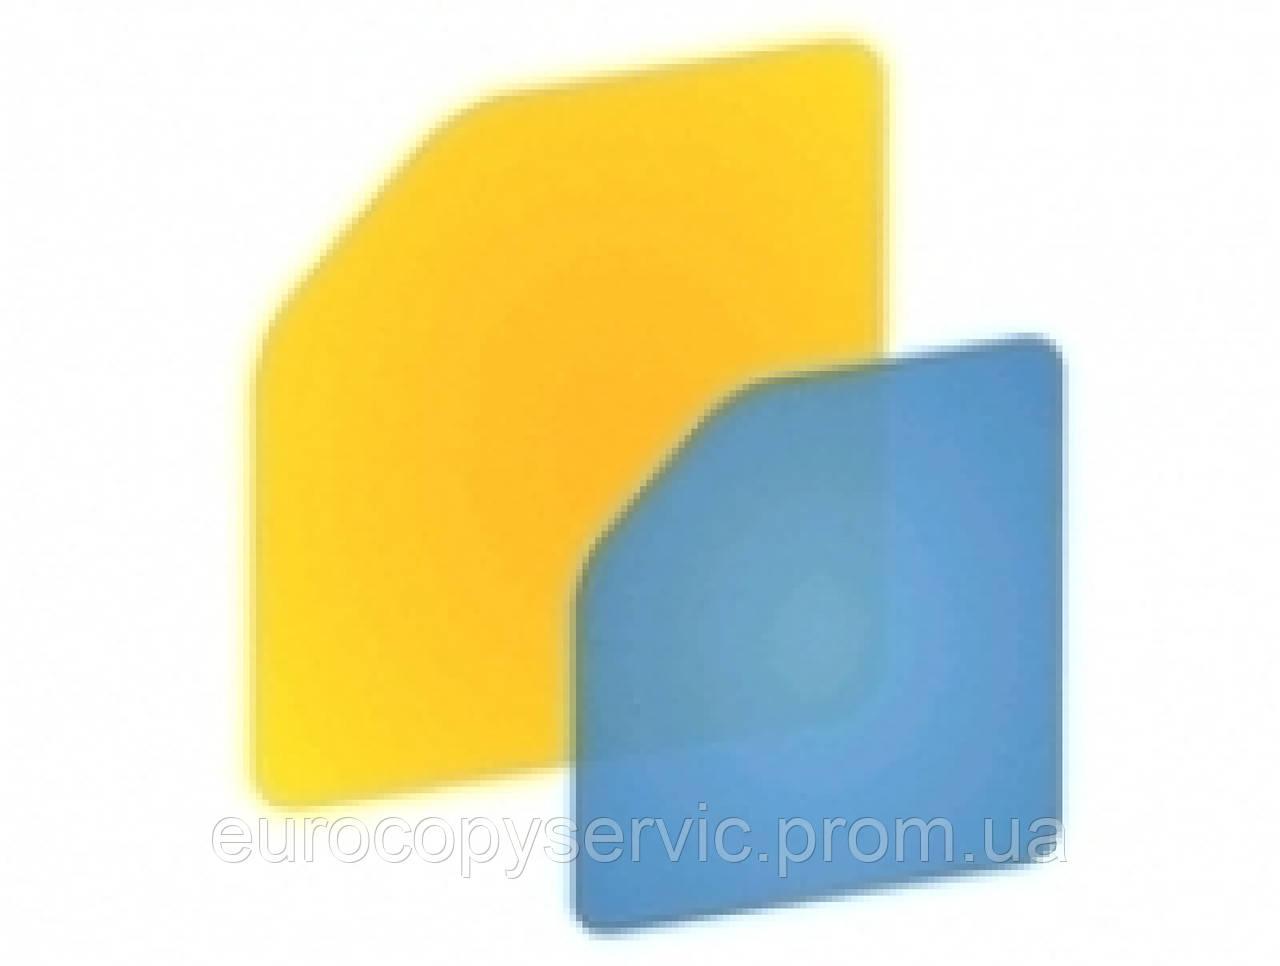 Тонер-картридж АНК для OKI C810 аналог 44059118/44059106 Magenta (3203448)